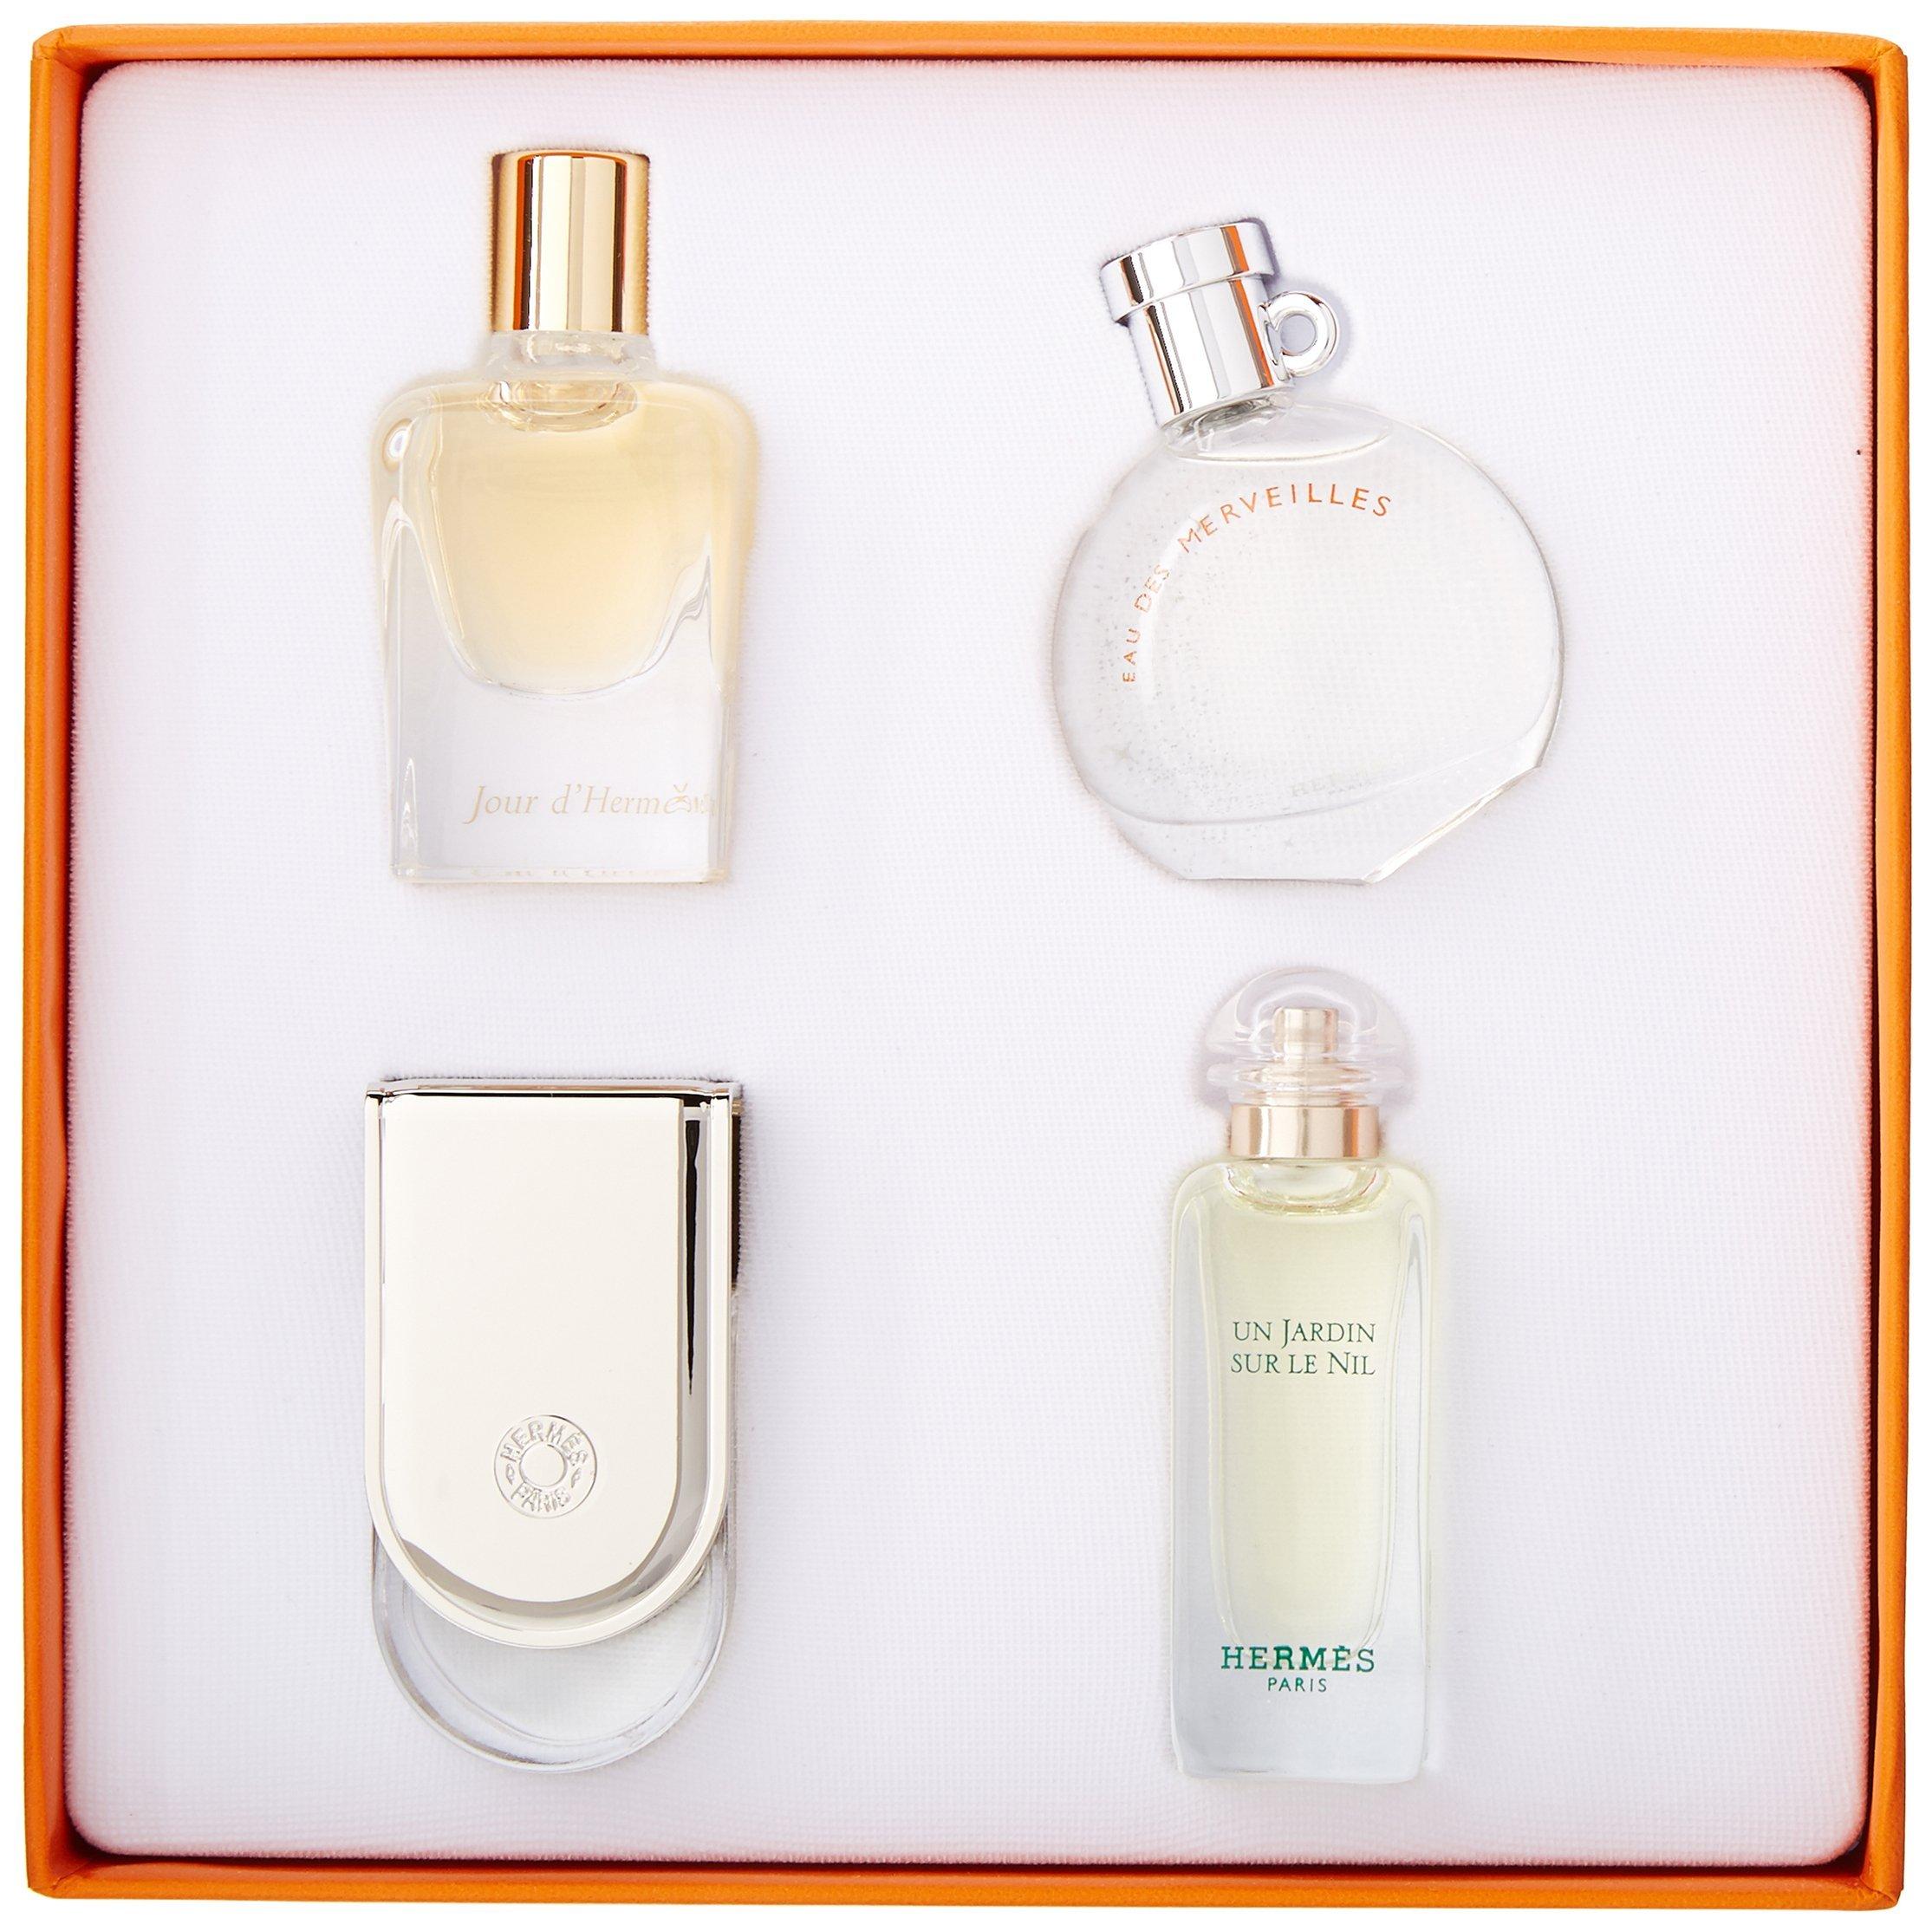 Hermes Miniature Fragrance Coffret, 4 Count